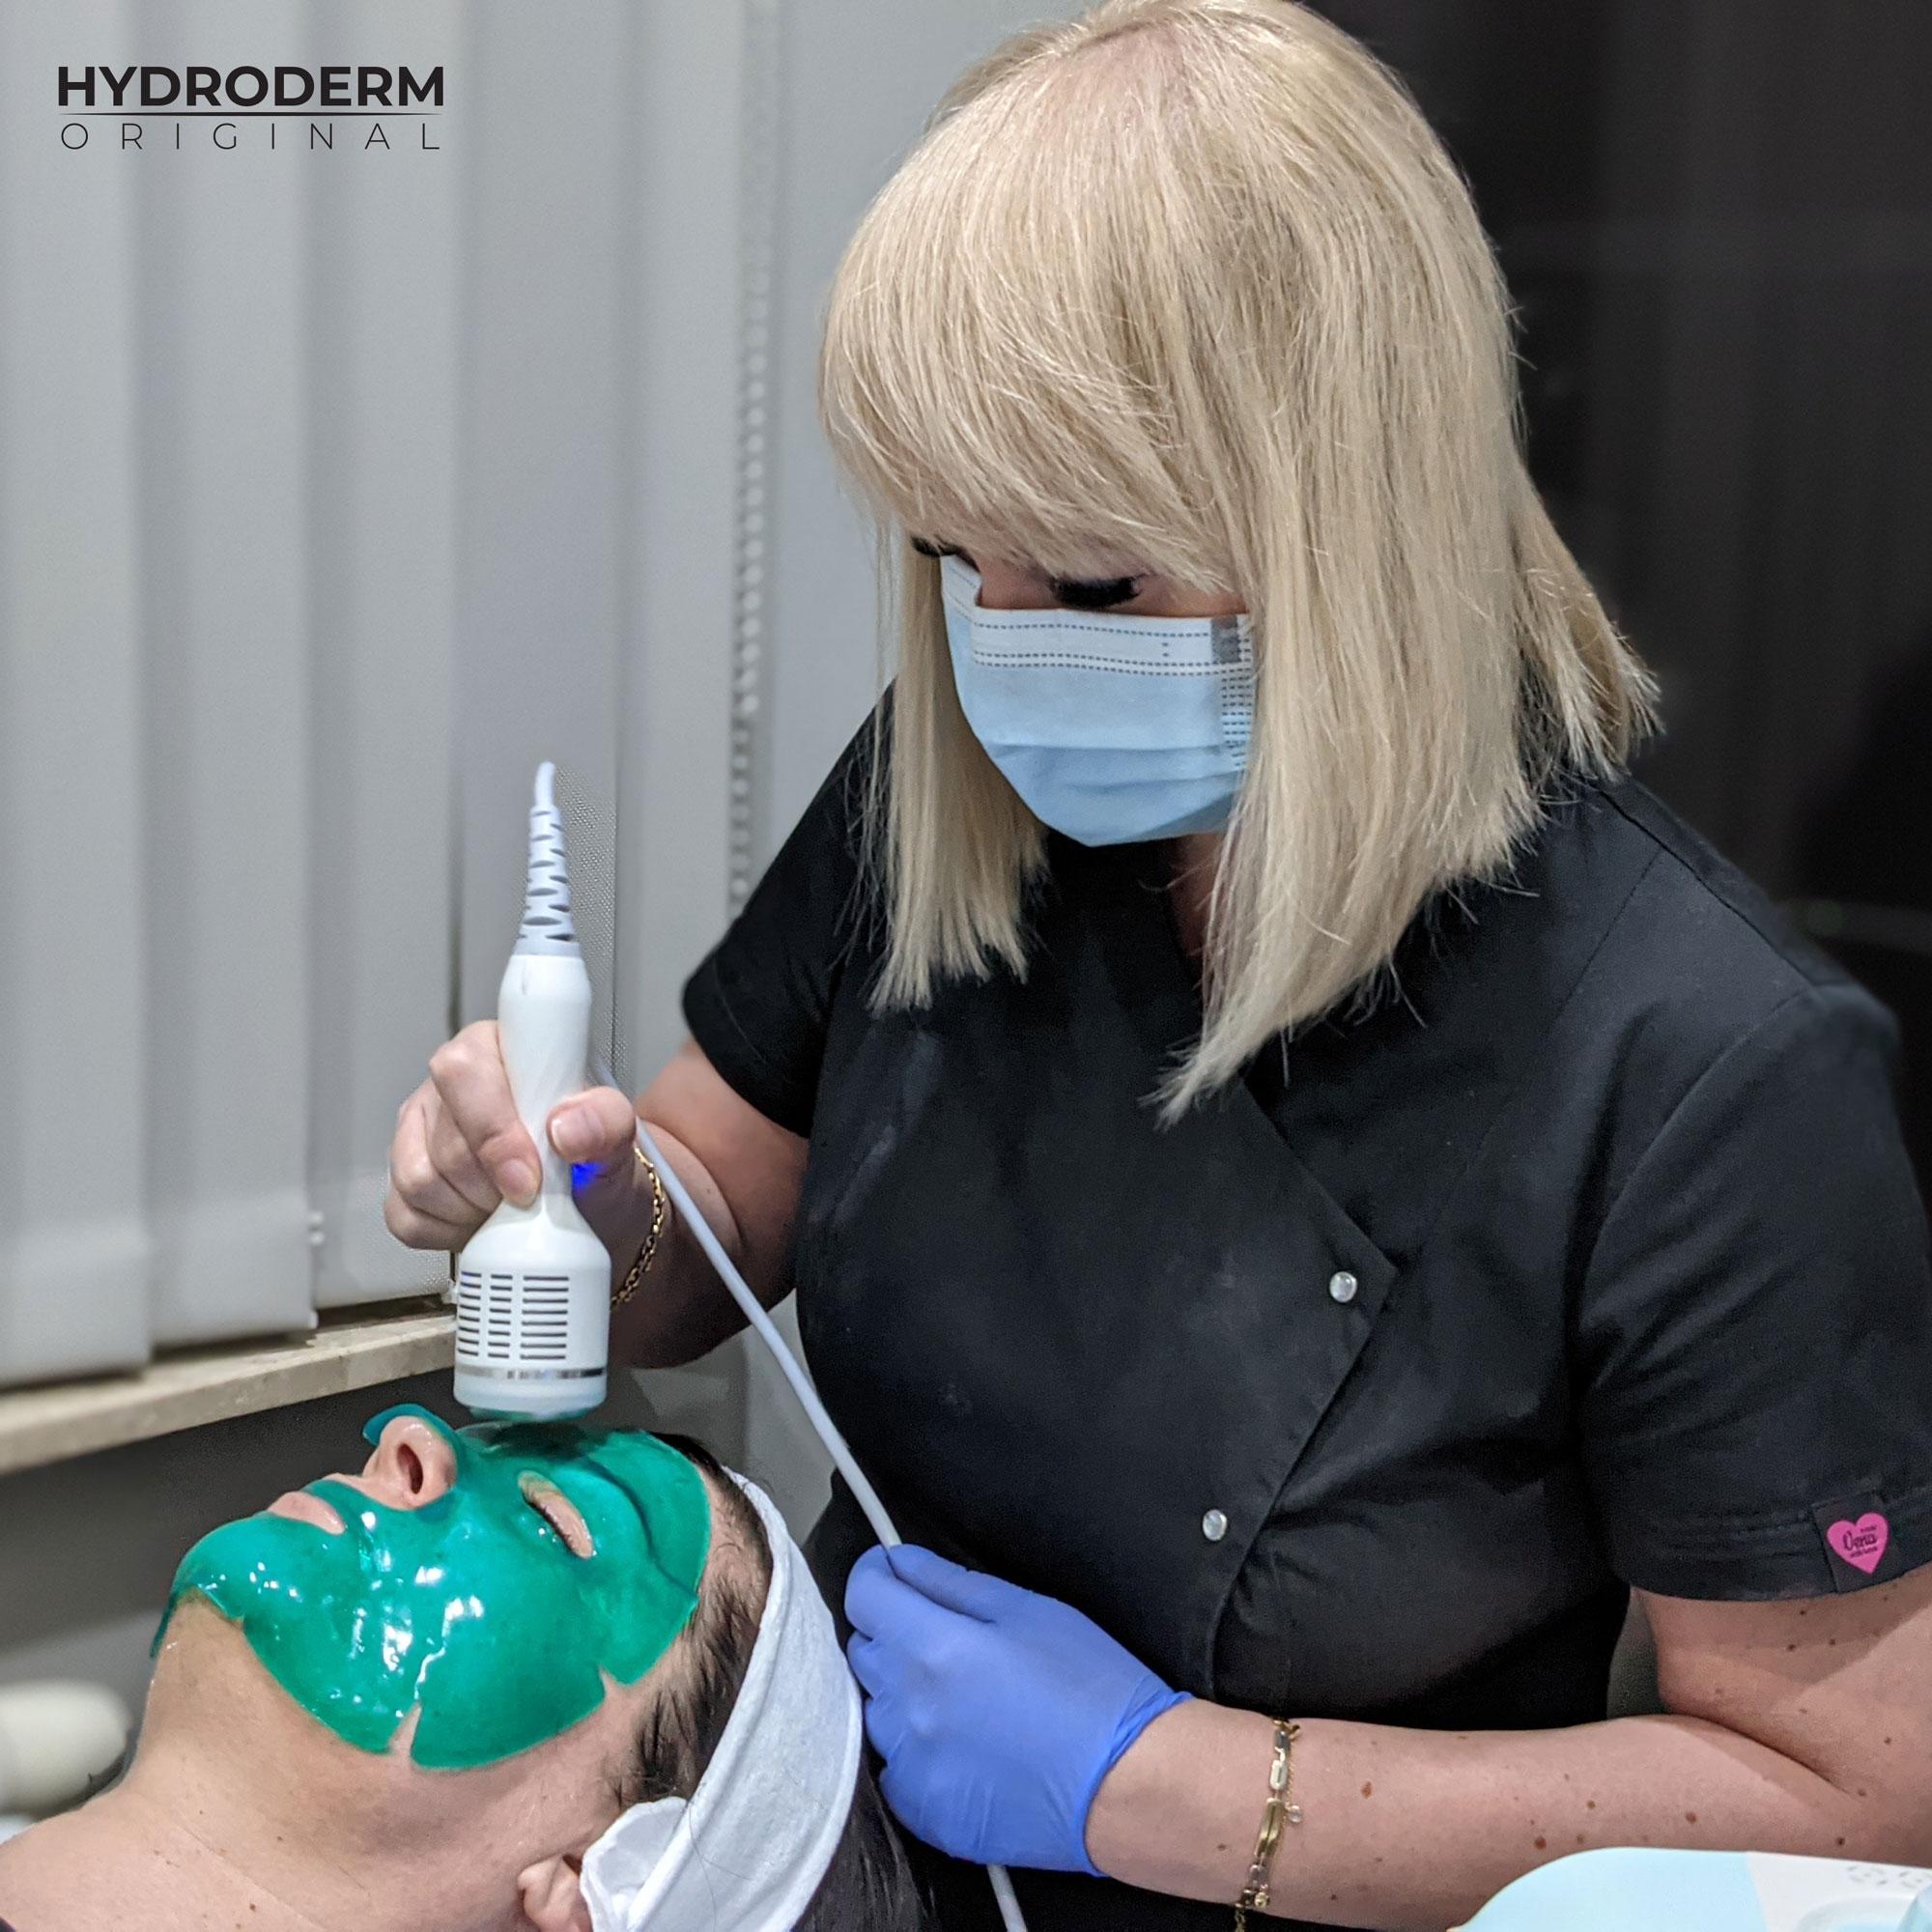 Kuracja oczyszczania wodorowego kończy się masażem z wykorzystaniem głowicy typu Cold